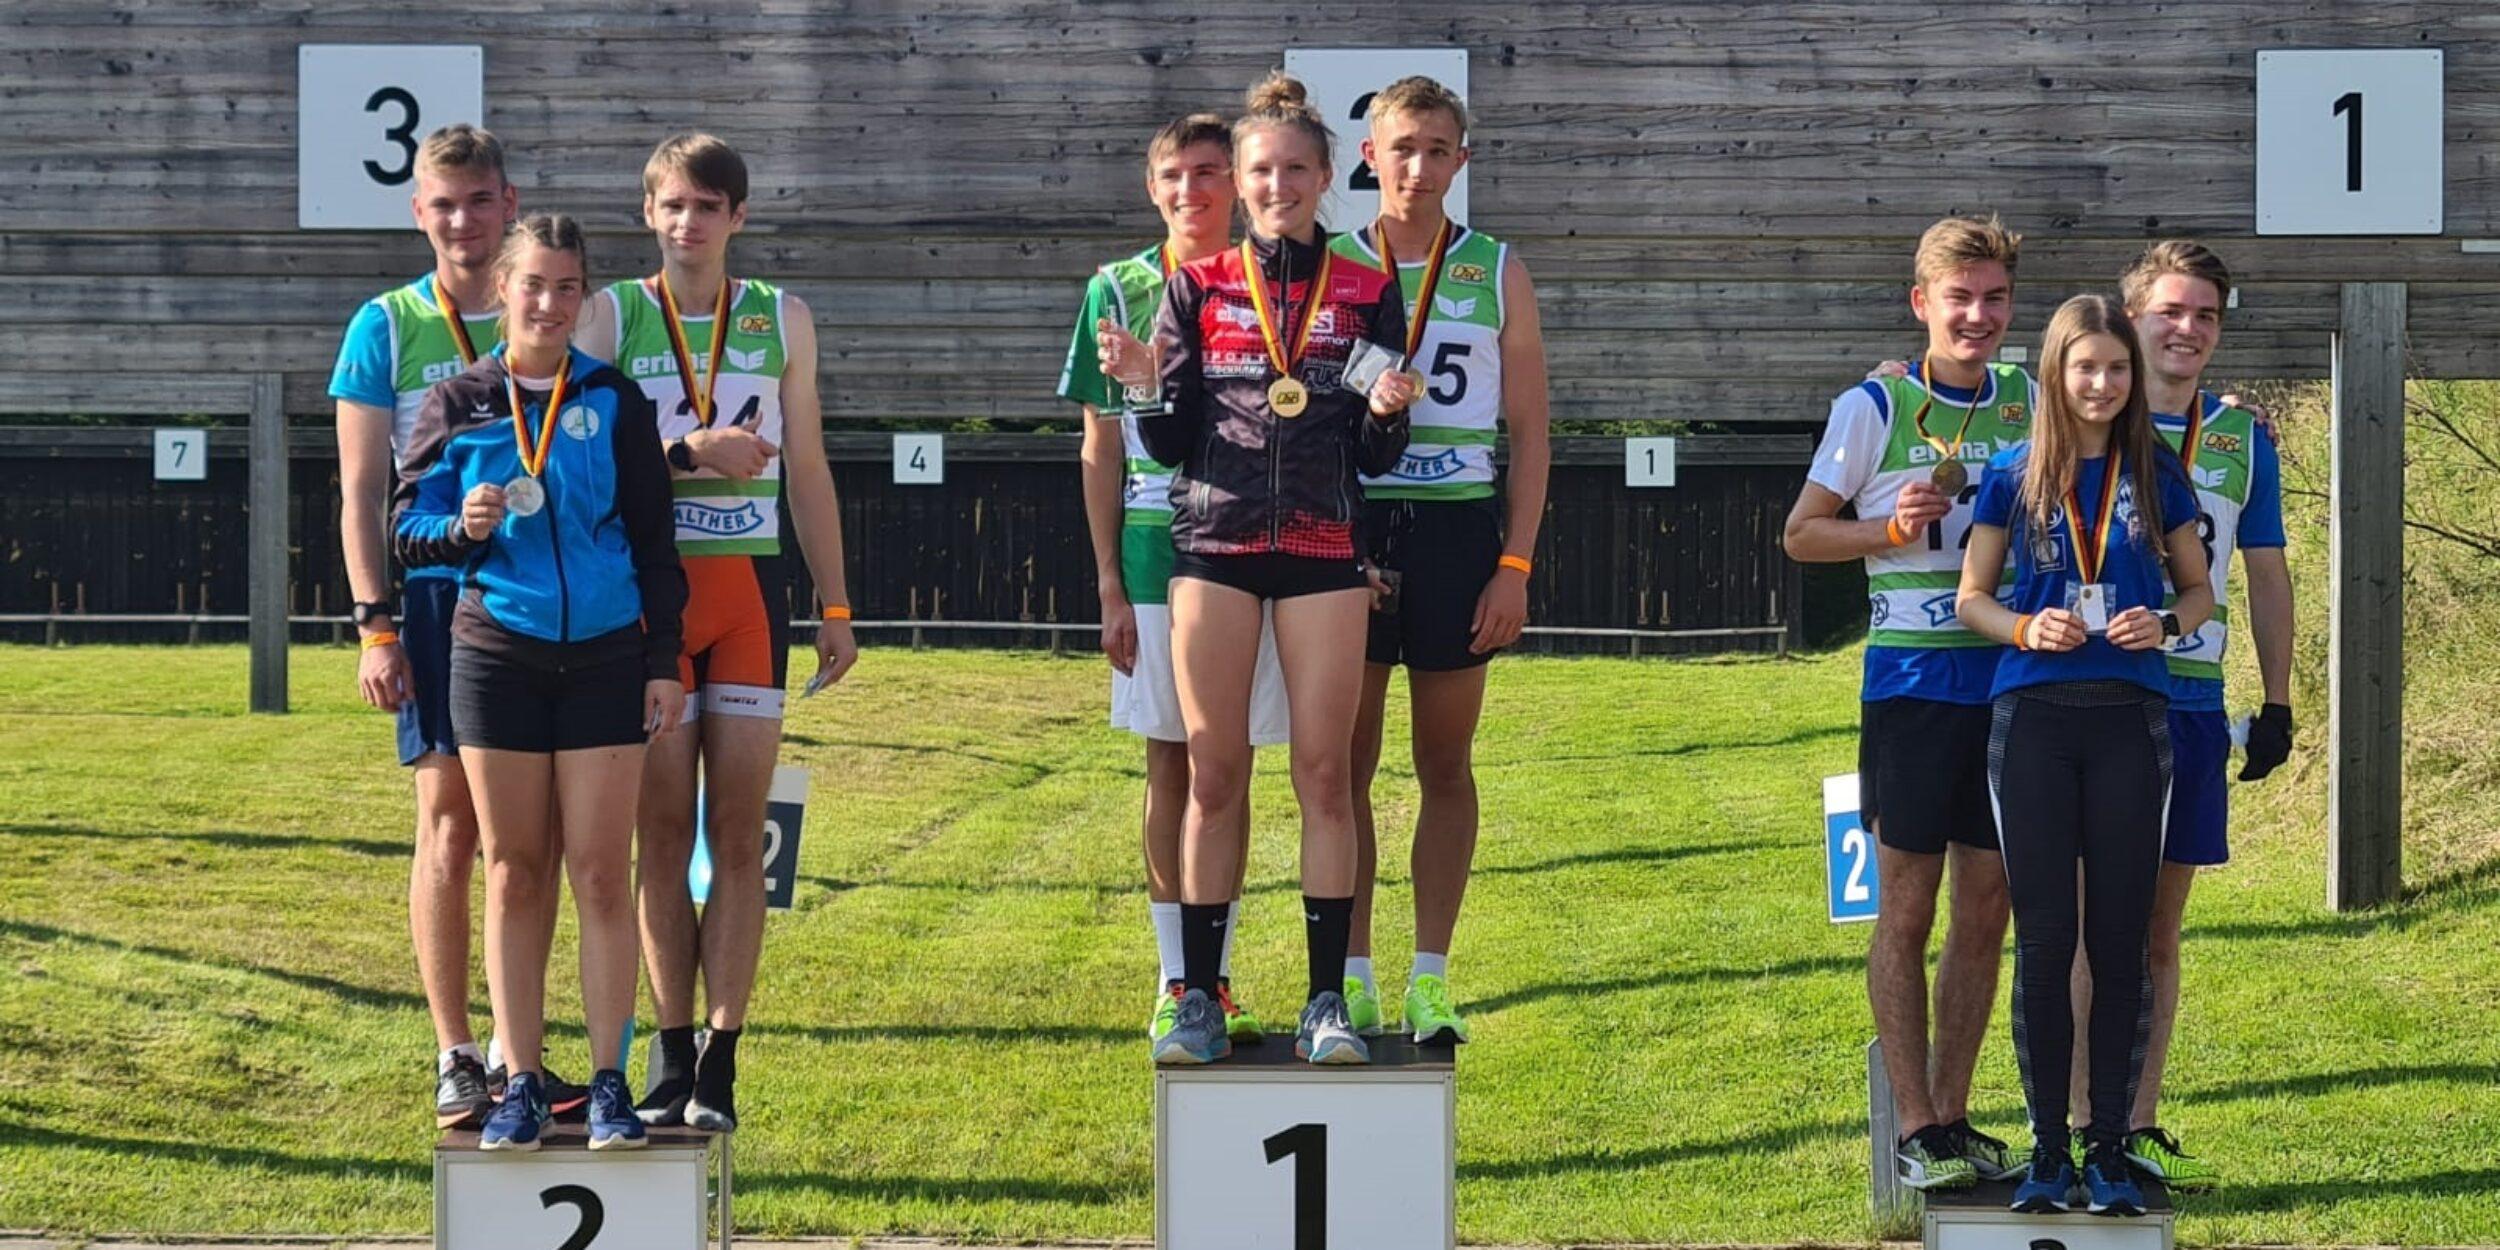 Deutsche Meisterschaften im Target Sprint